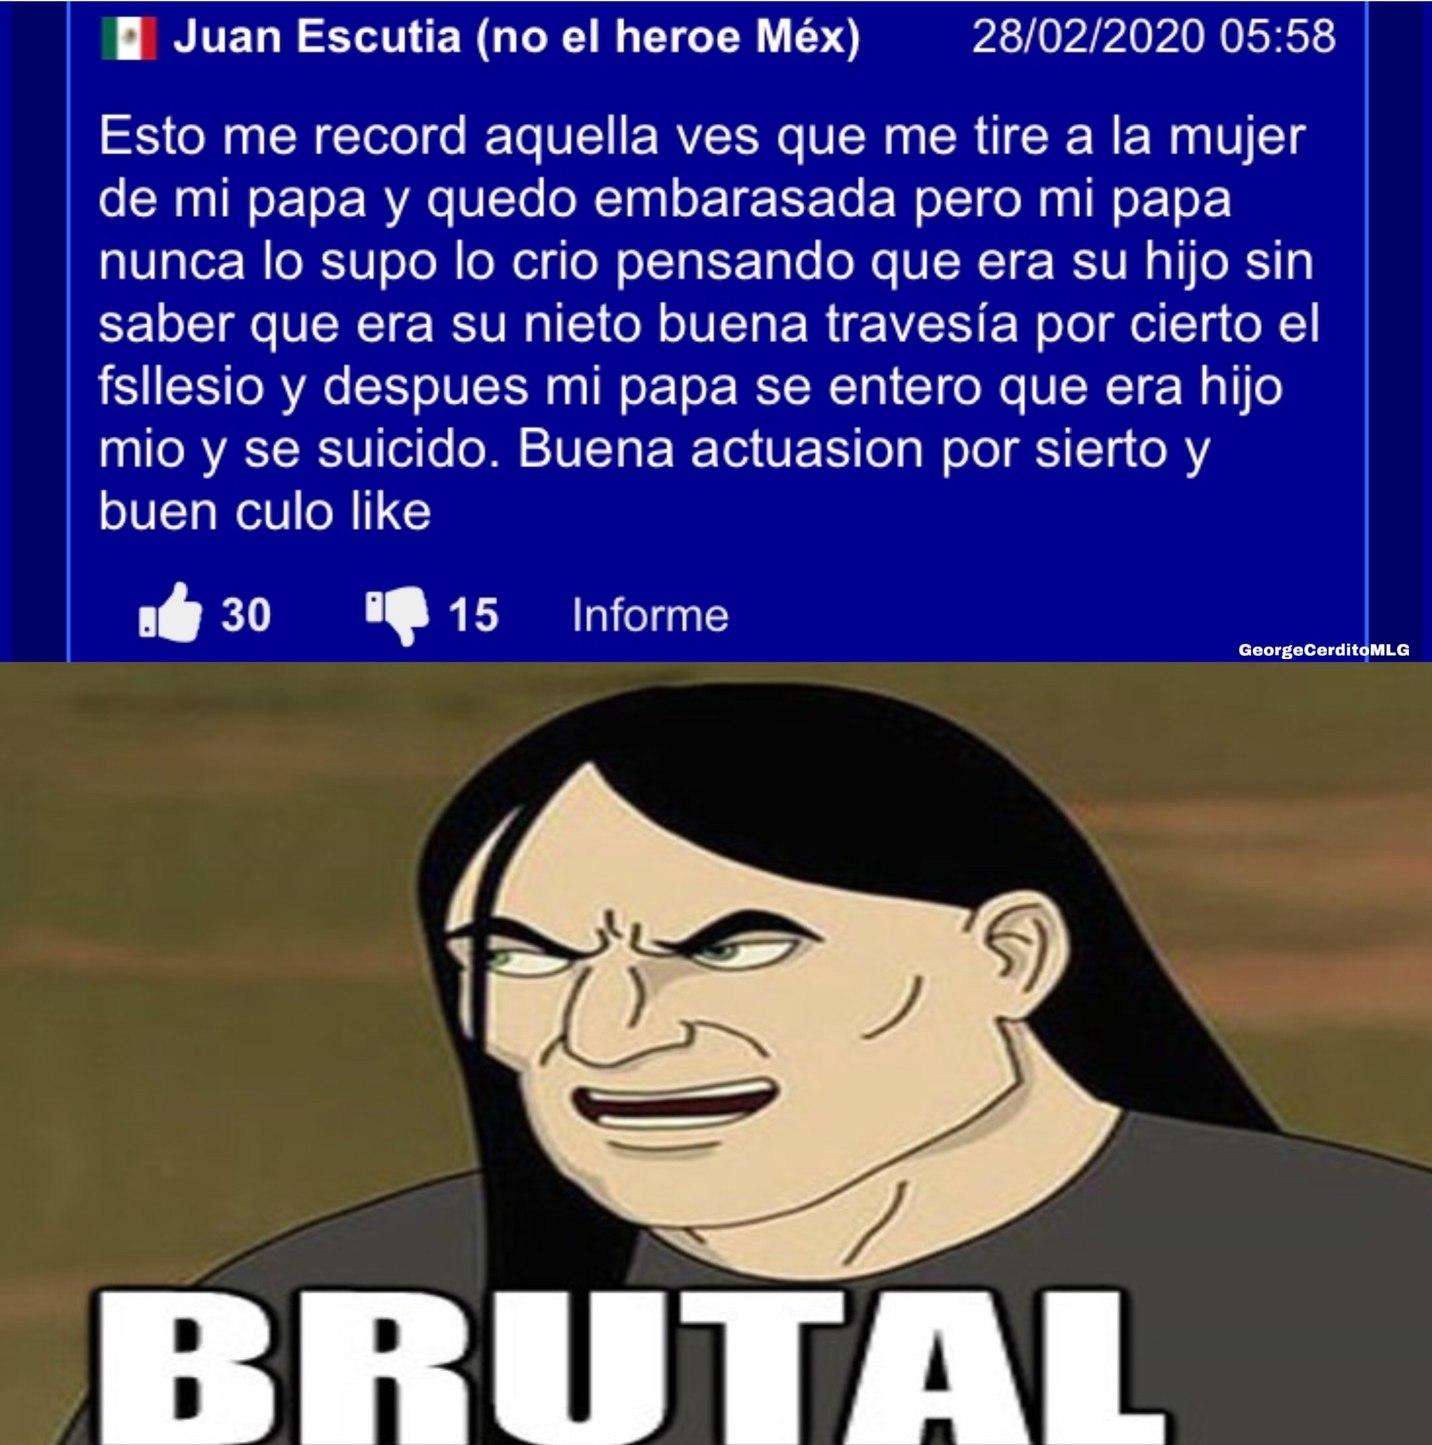 Pruebas Te Lo Juro Por Dieguito Maradona Meme By Georgecerditomlg Memedroid